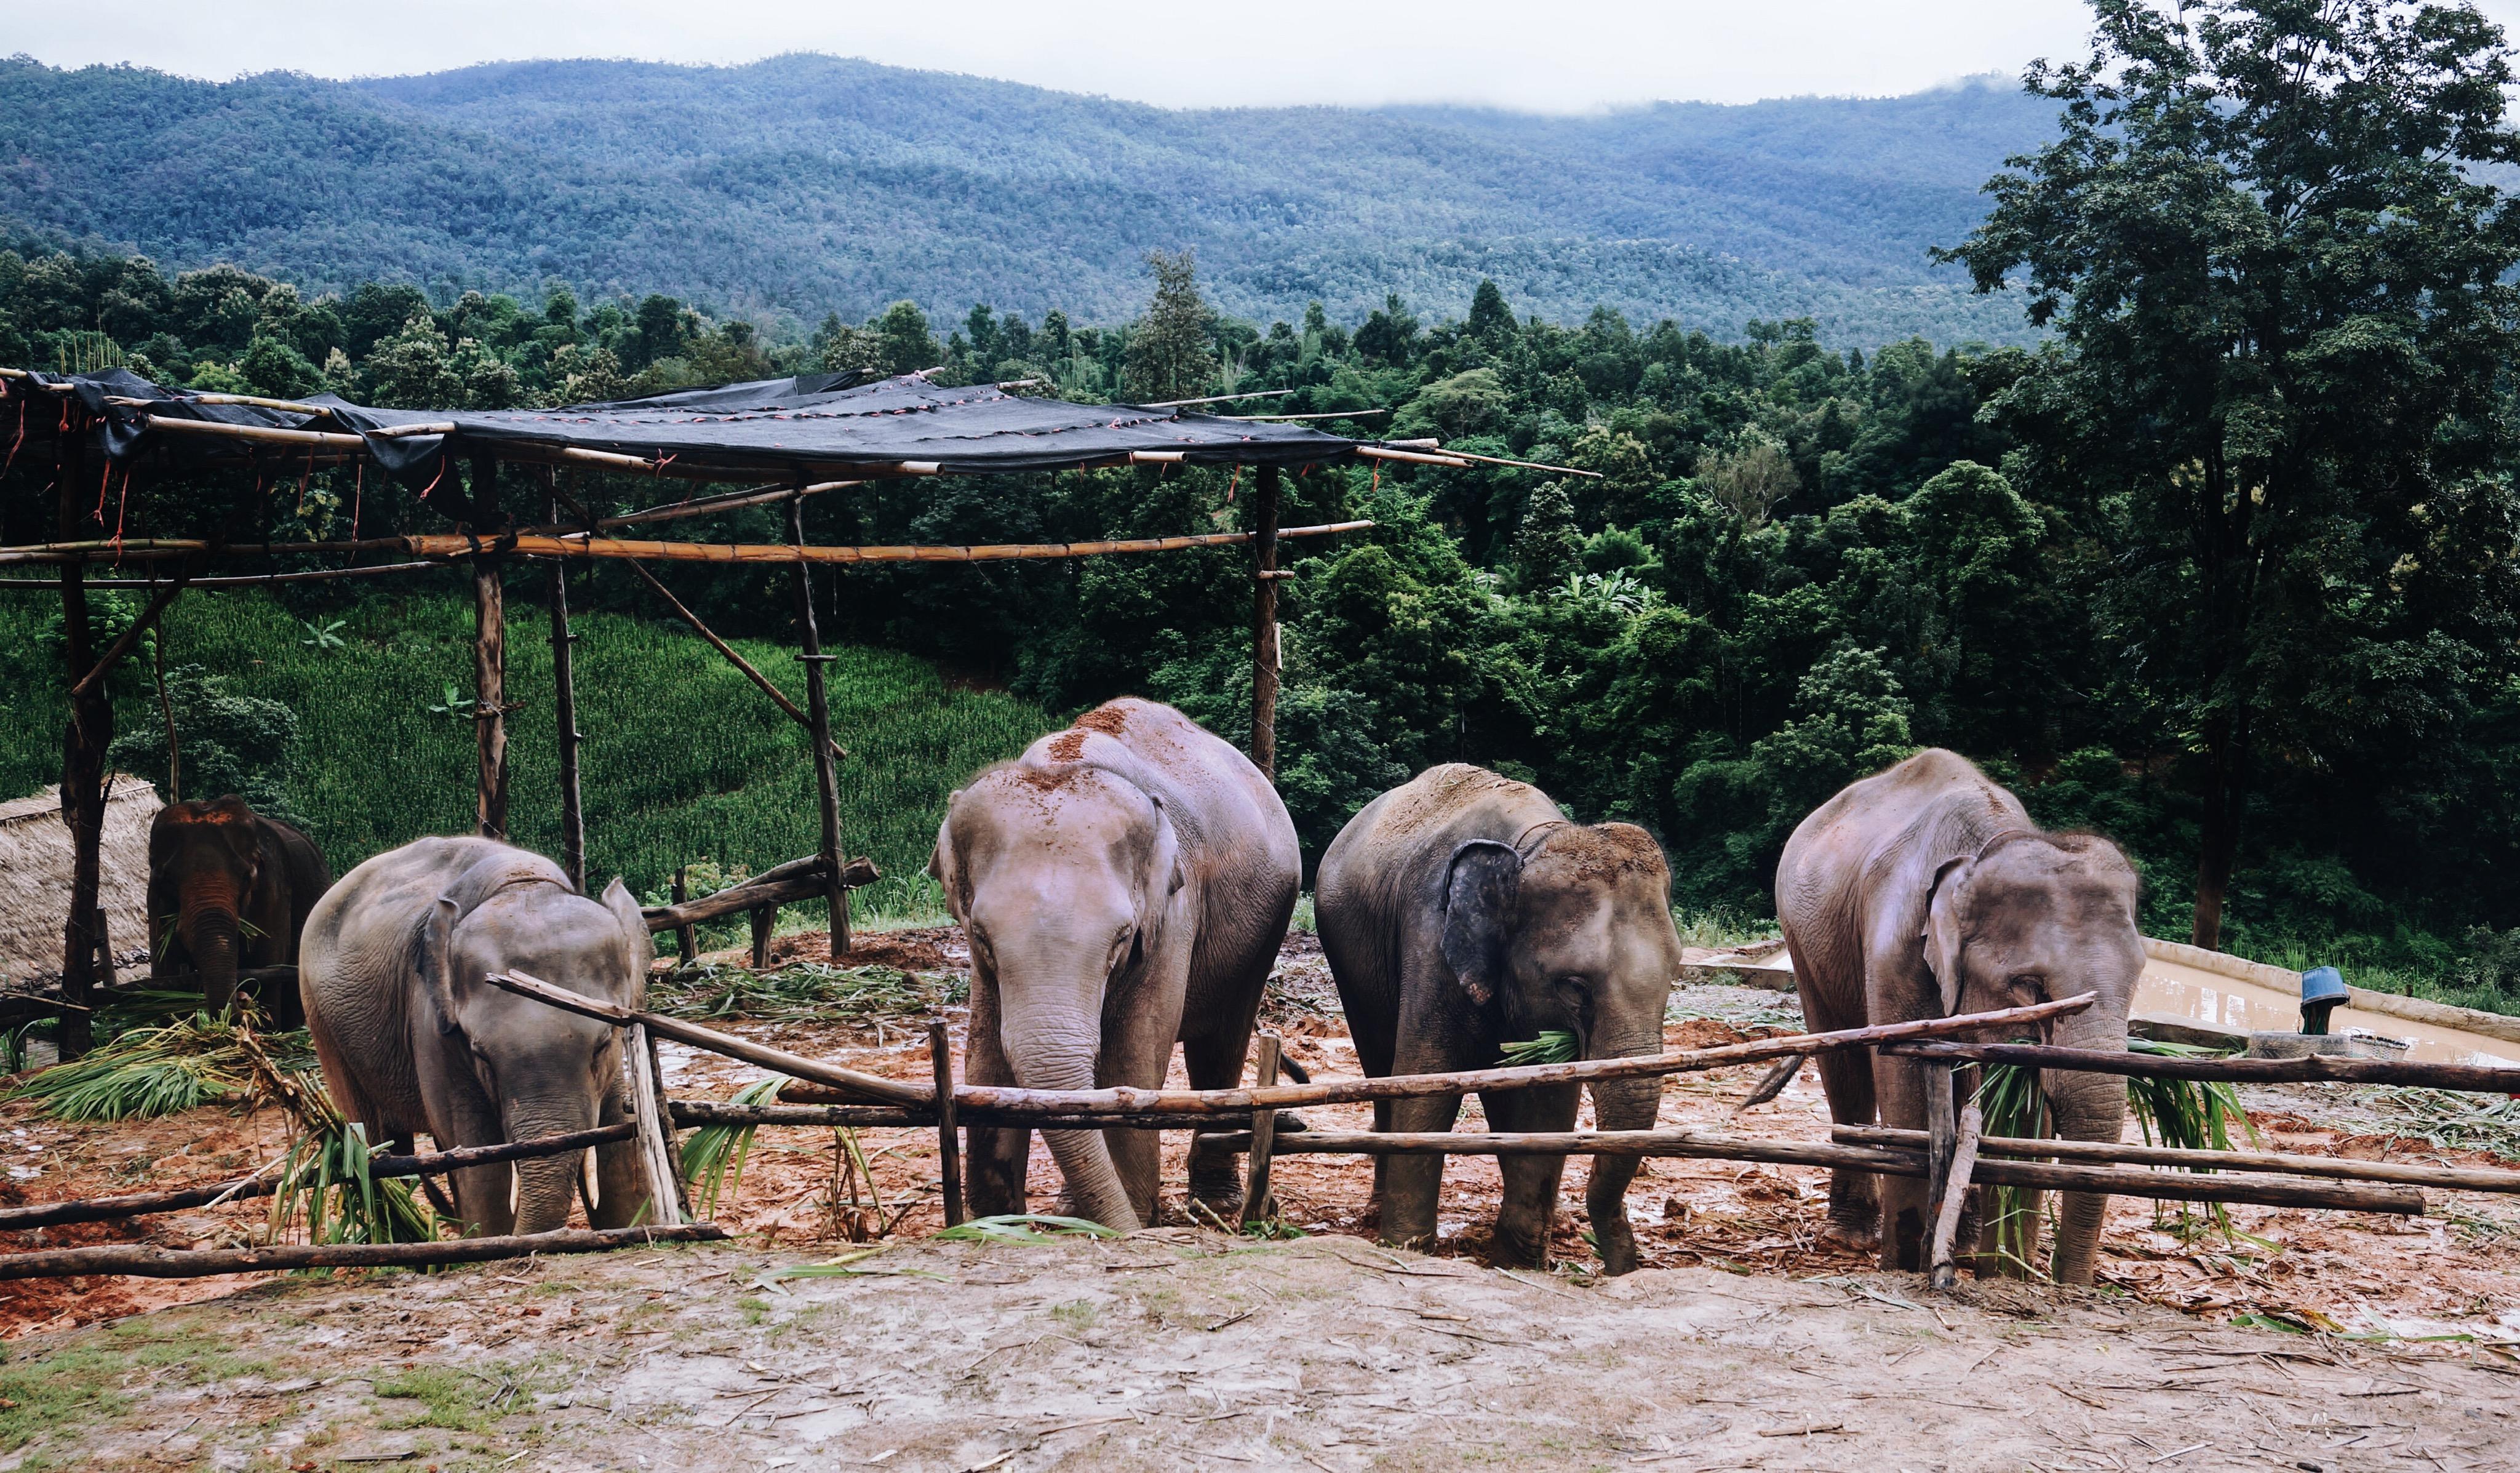 Elefanten, ethisches Elefantencamp in Thailand, Chiang Mai, kein Reiten oder Quälen